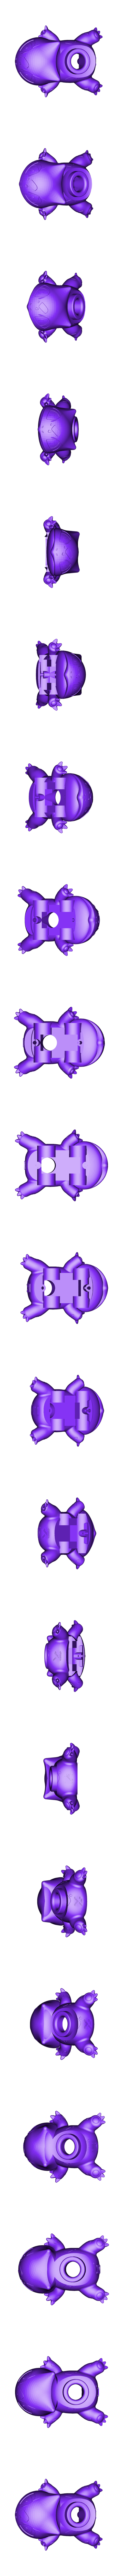 bulbasaurPBC-body_freedownload.stl Télécharger fichier STL gratuit Pokémon - Bulbasaur tirer voiture jouet • Plan pour imprimante 3D, cycstudio